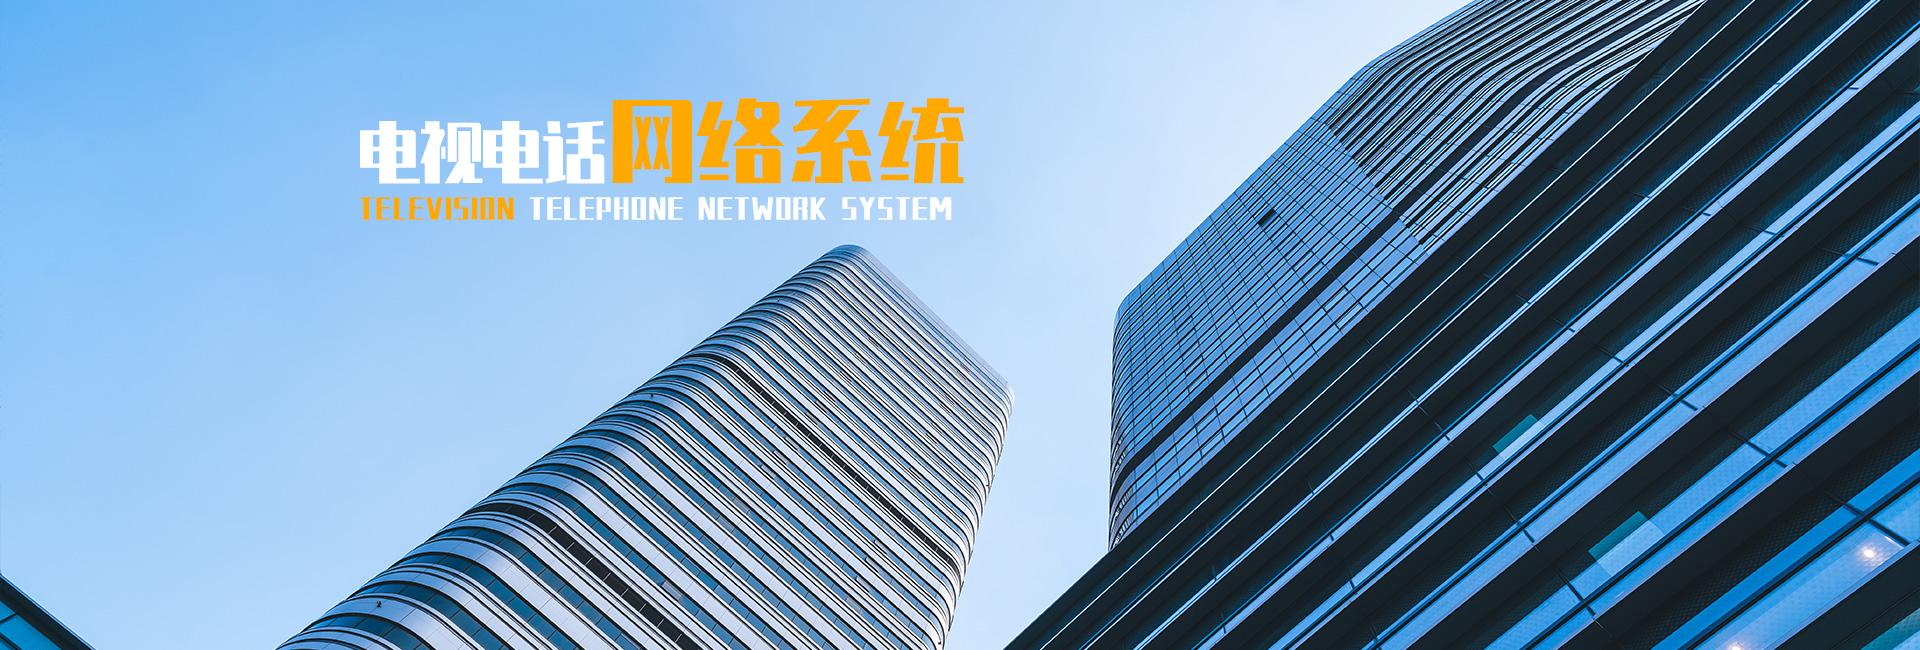 电视电话网络系统,泸州安防工程